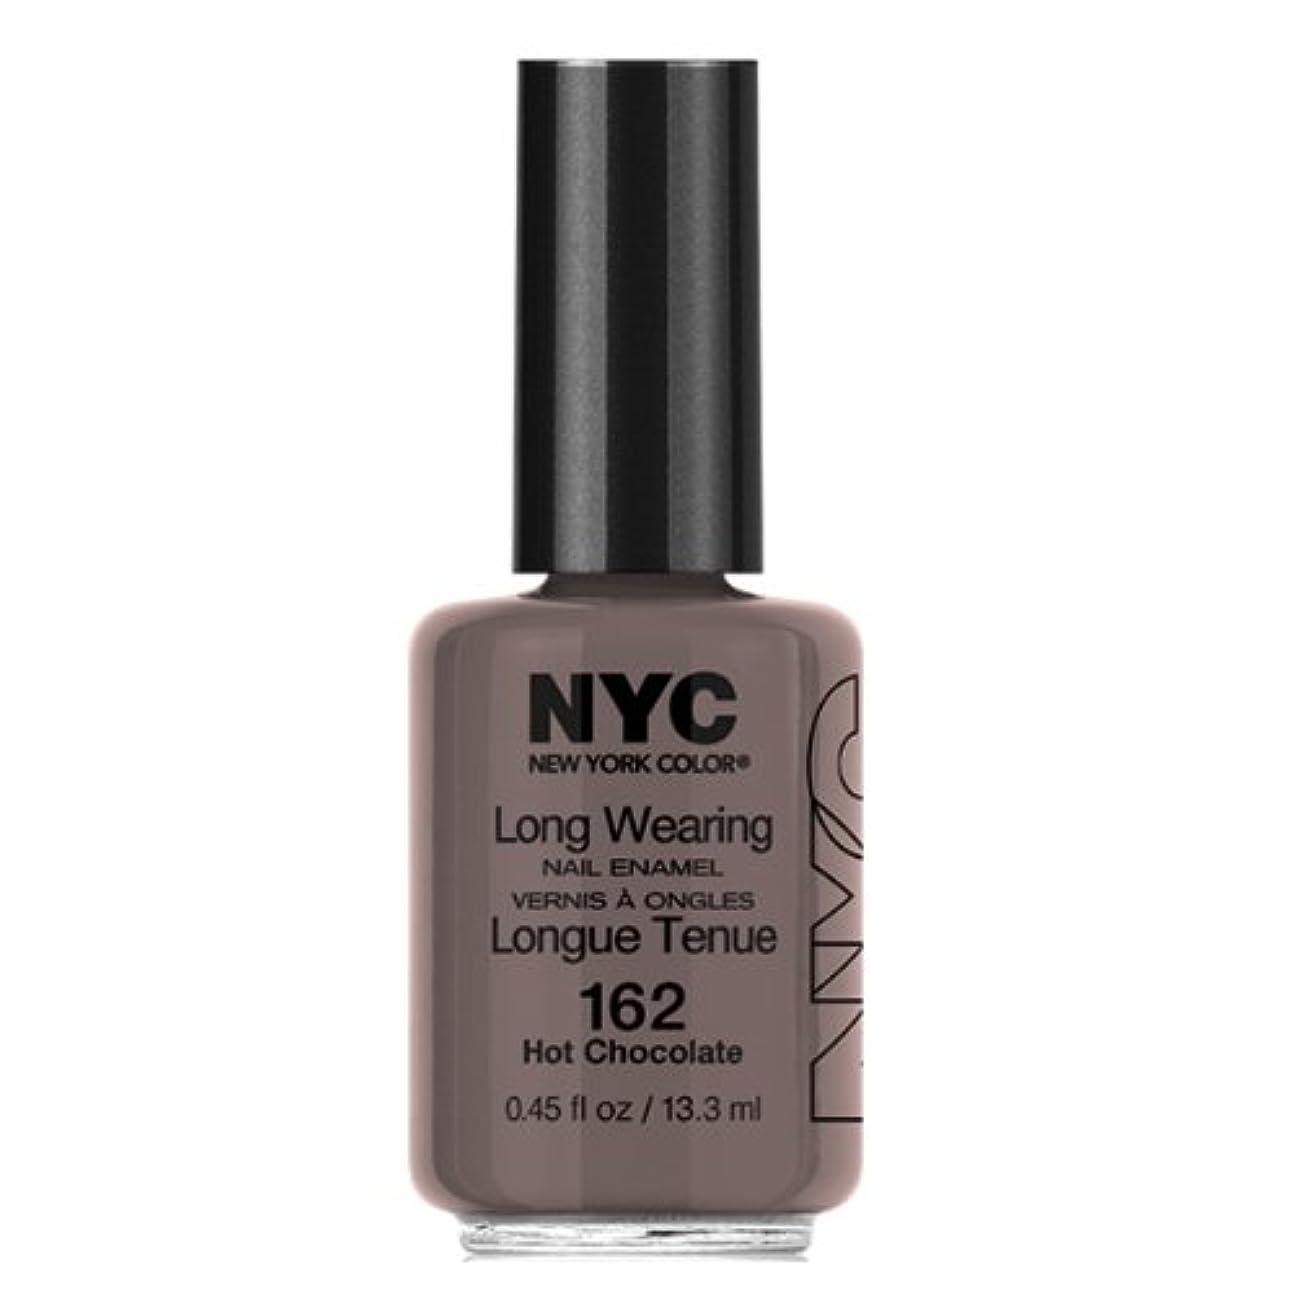 口述するサーバントスズメバチ(3 Pack) NYC Long Wearing Nail Enamel - Hot Cholate (並行輸入品)